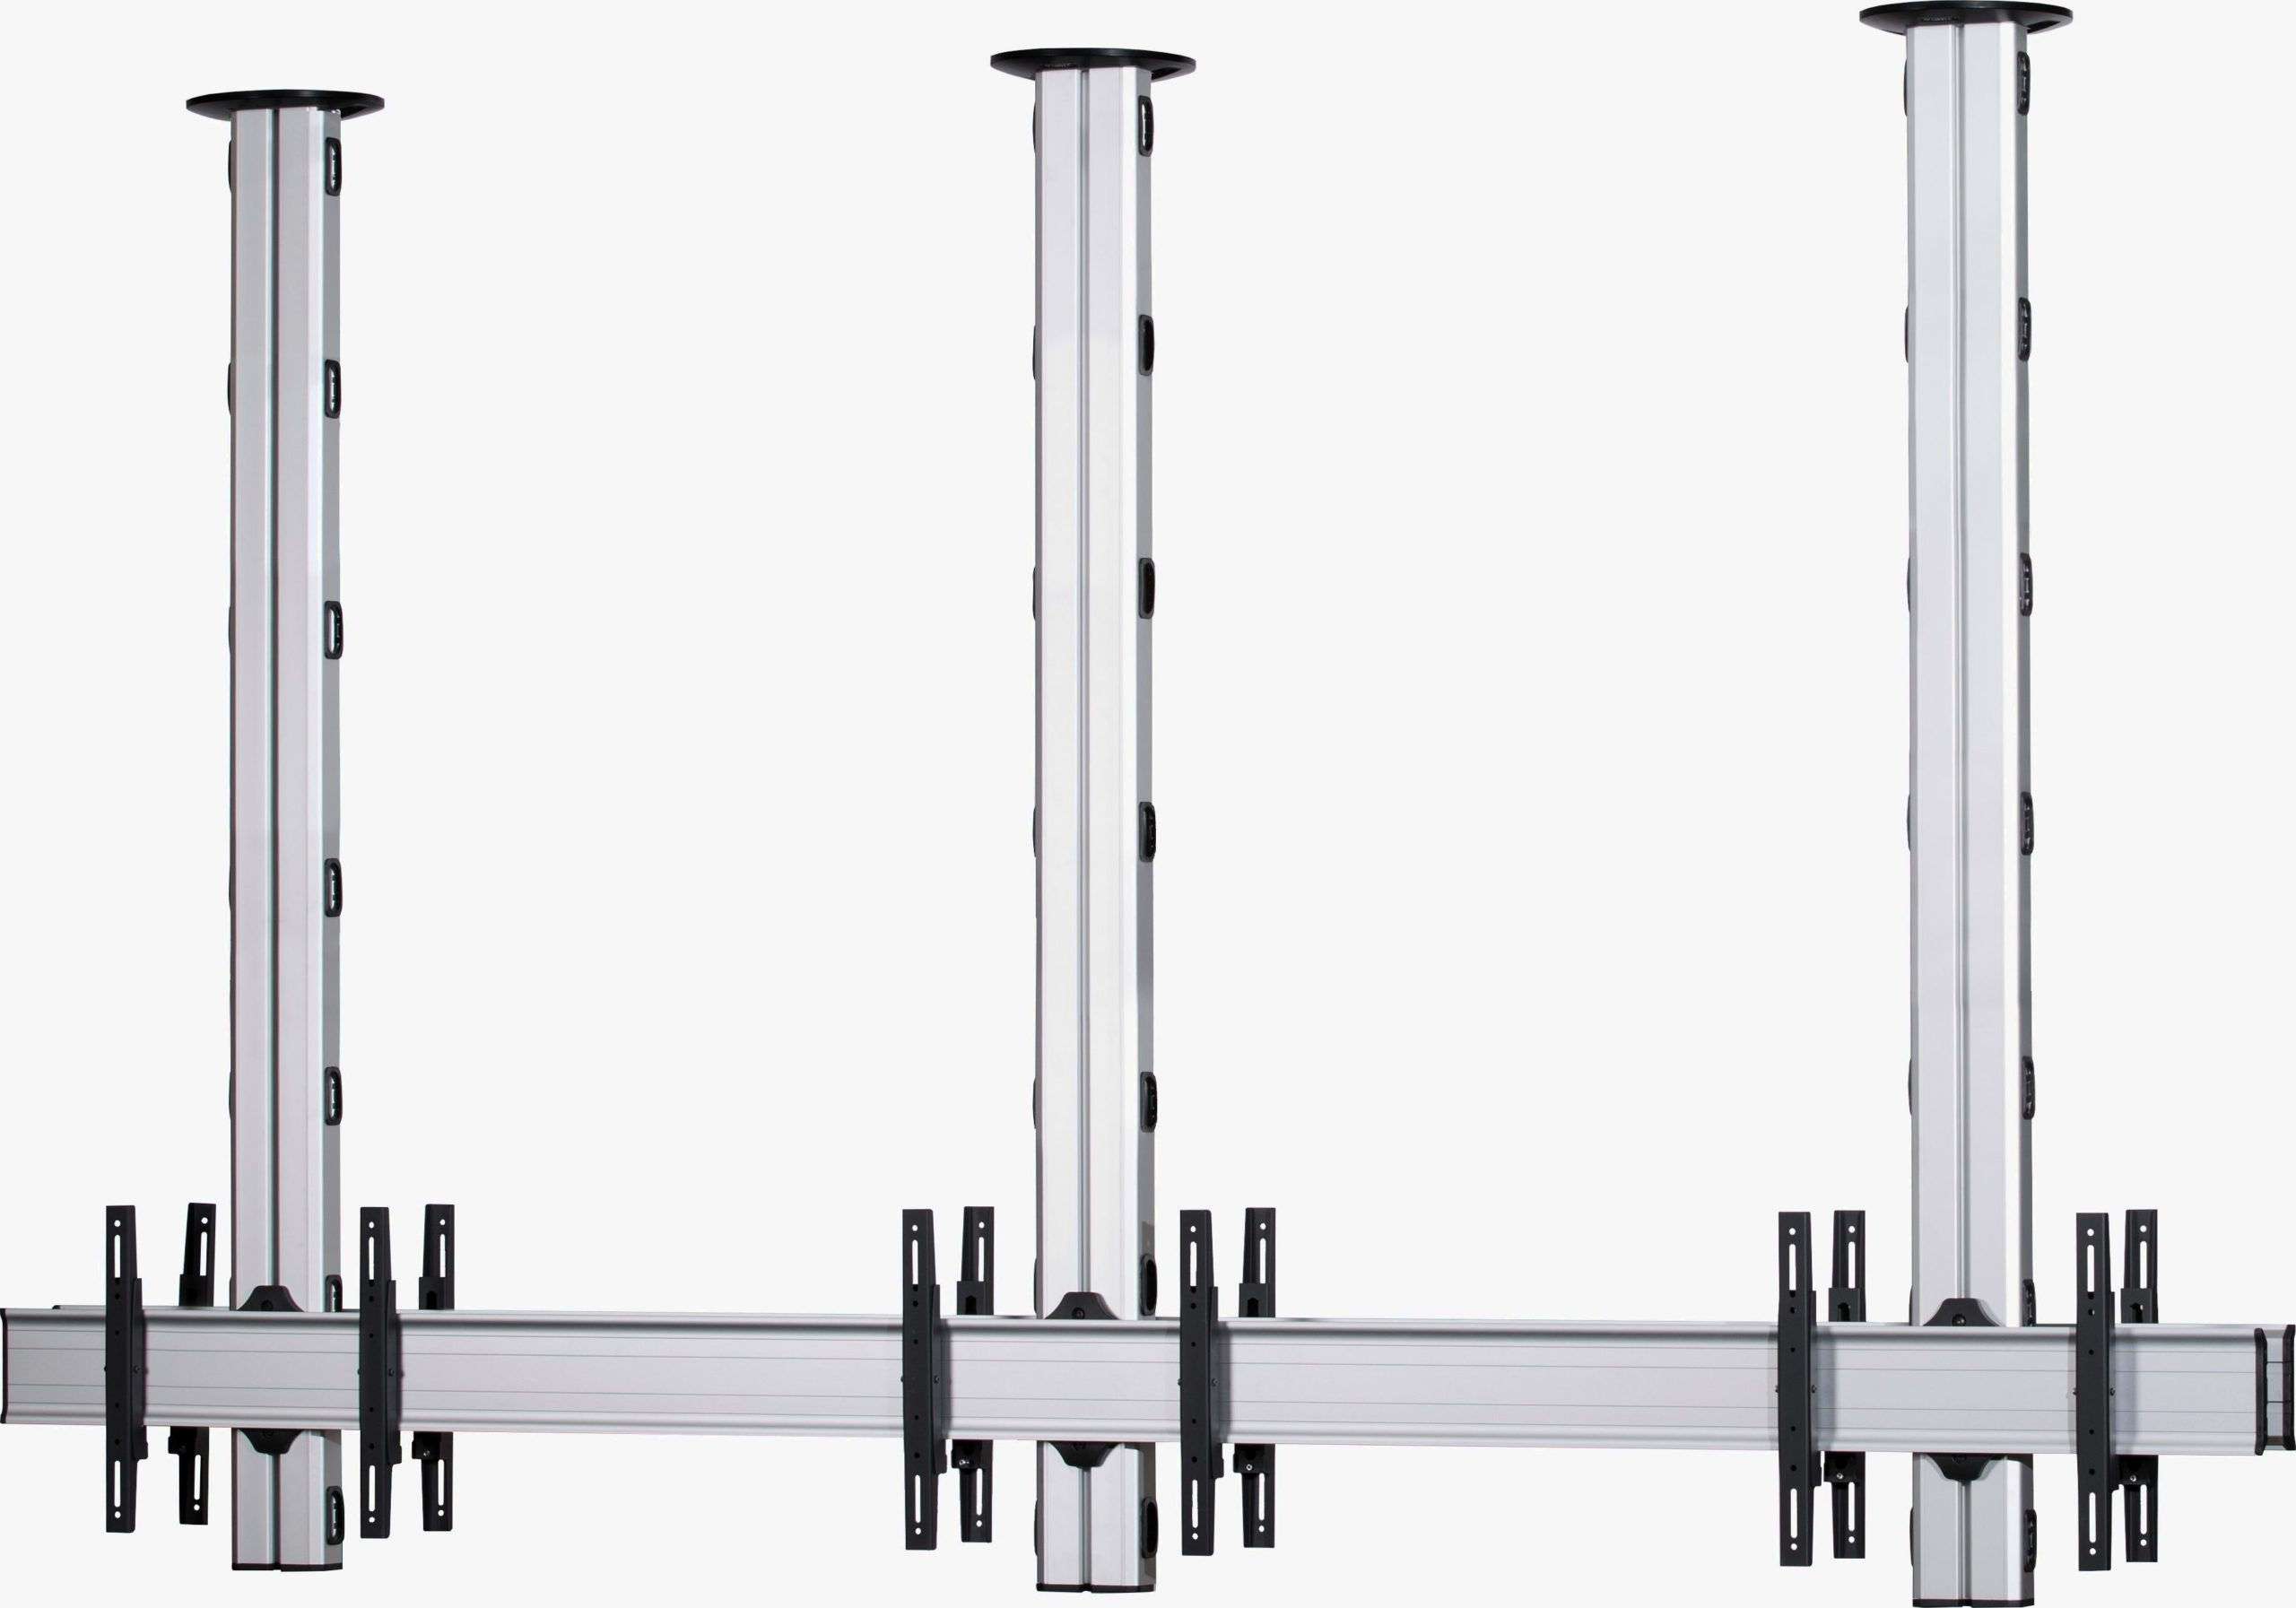 6 Displays 1x3 beidseitig, Standard-VESA, zur Deckenbefestigung